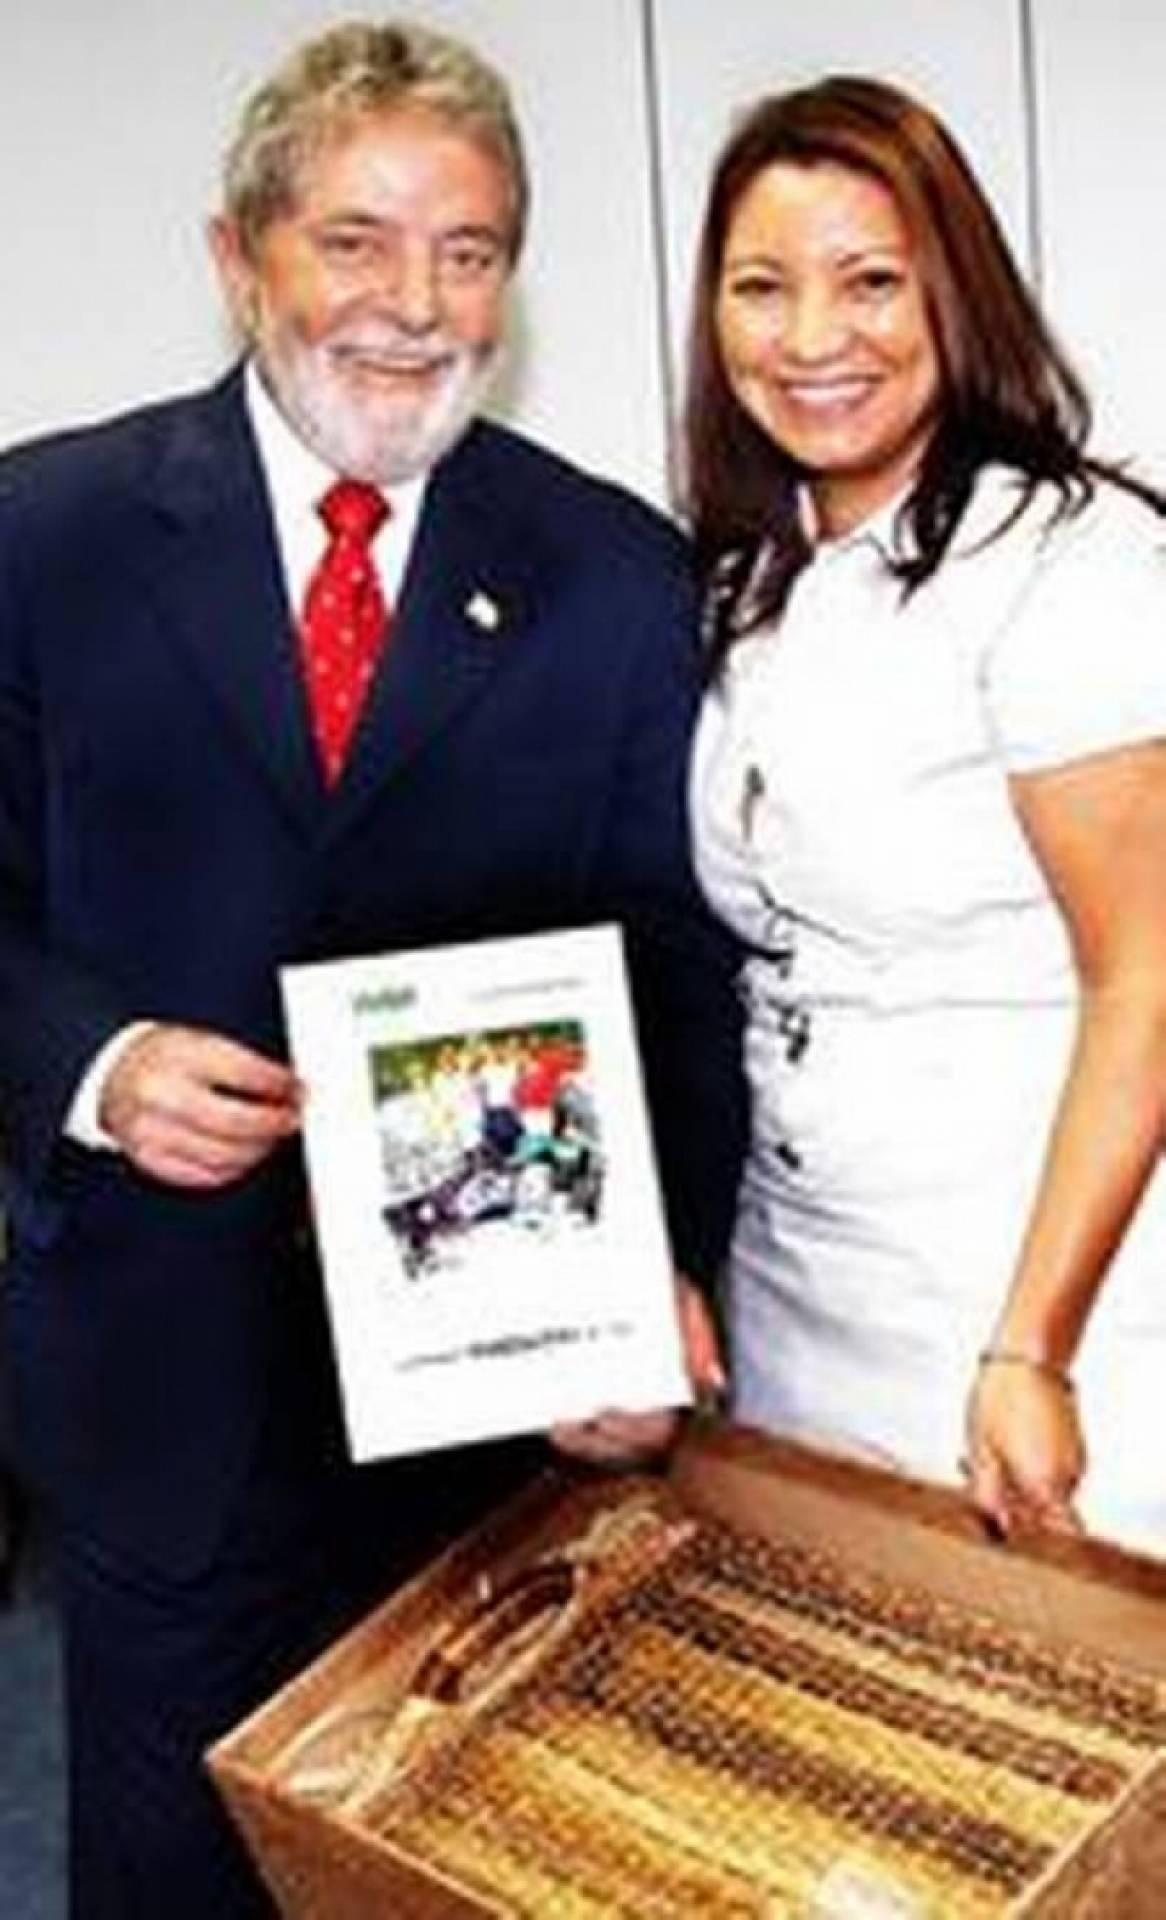 Conheca A Namorada Do Ex Presidente Lula Jornal Meia Hora